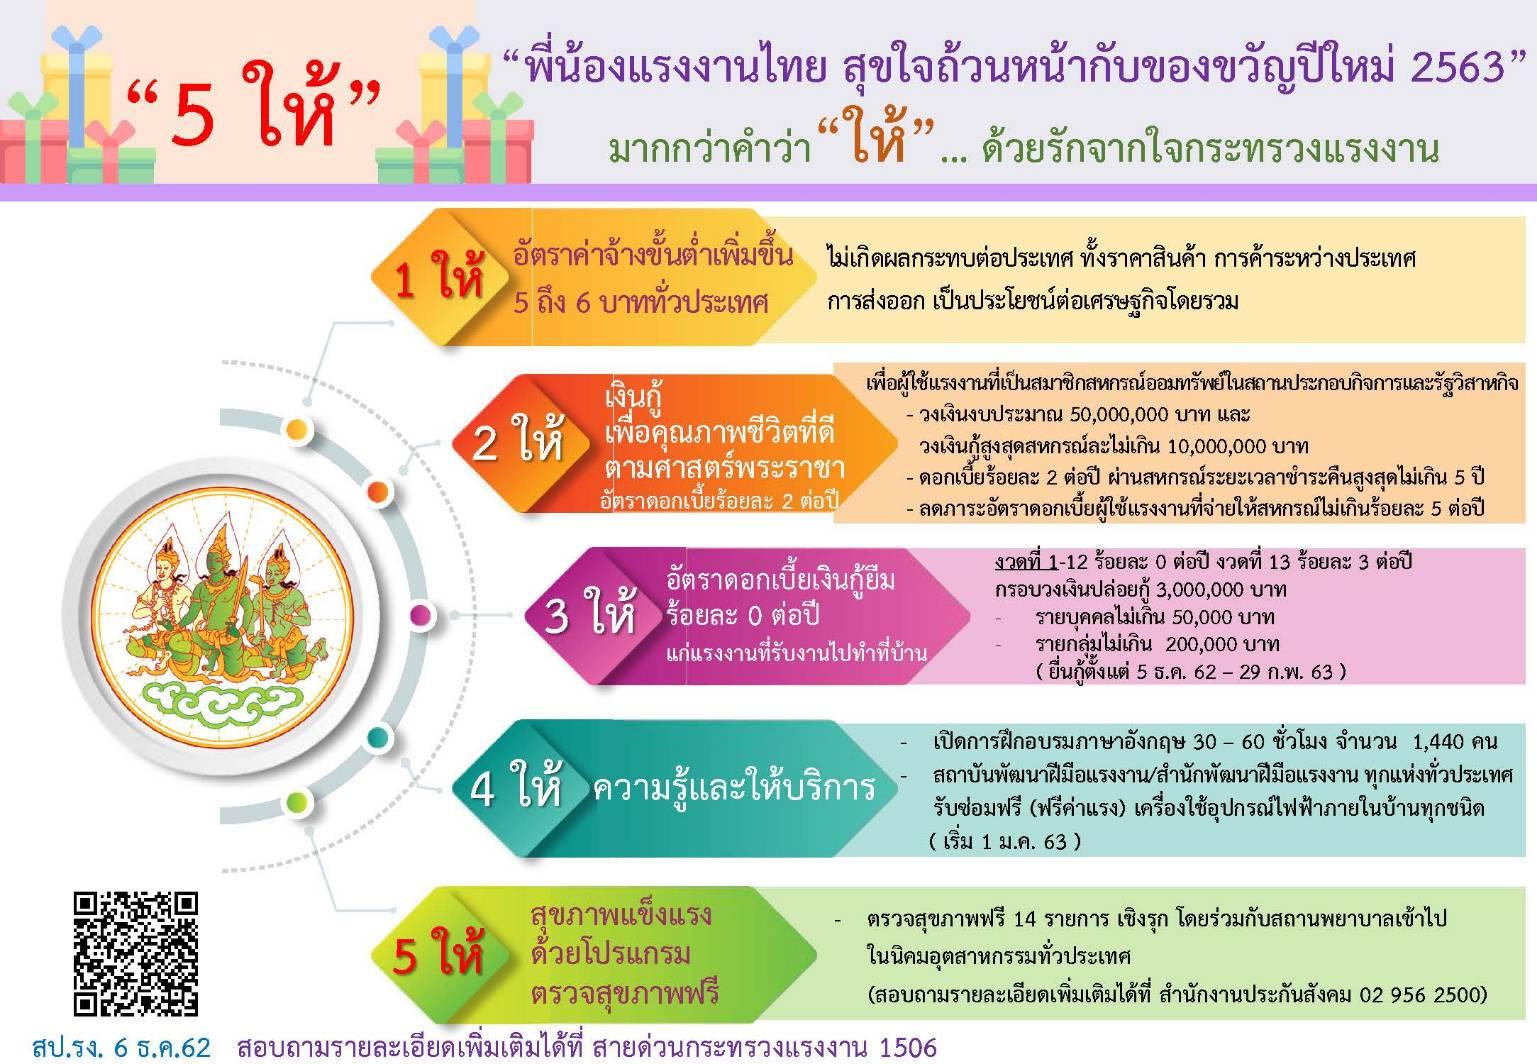 """สรจ.อุตรดิตถ์ ขอให้ """"พี่น้องแรงงานไทย สุขใจถ้วนหน้ากับของขวัญปีใหม่ 2563"""""""